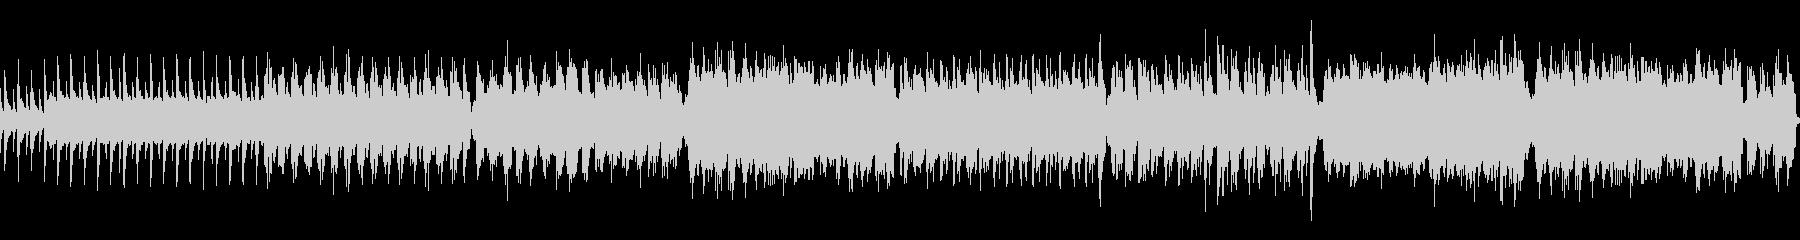 ケルト・ファンタジー系のBGMですの未再生の波形